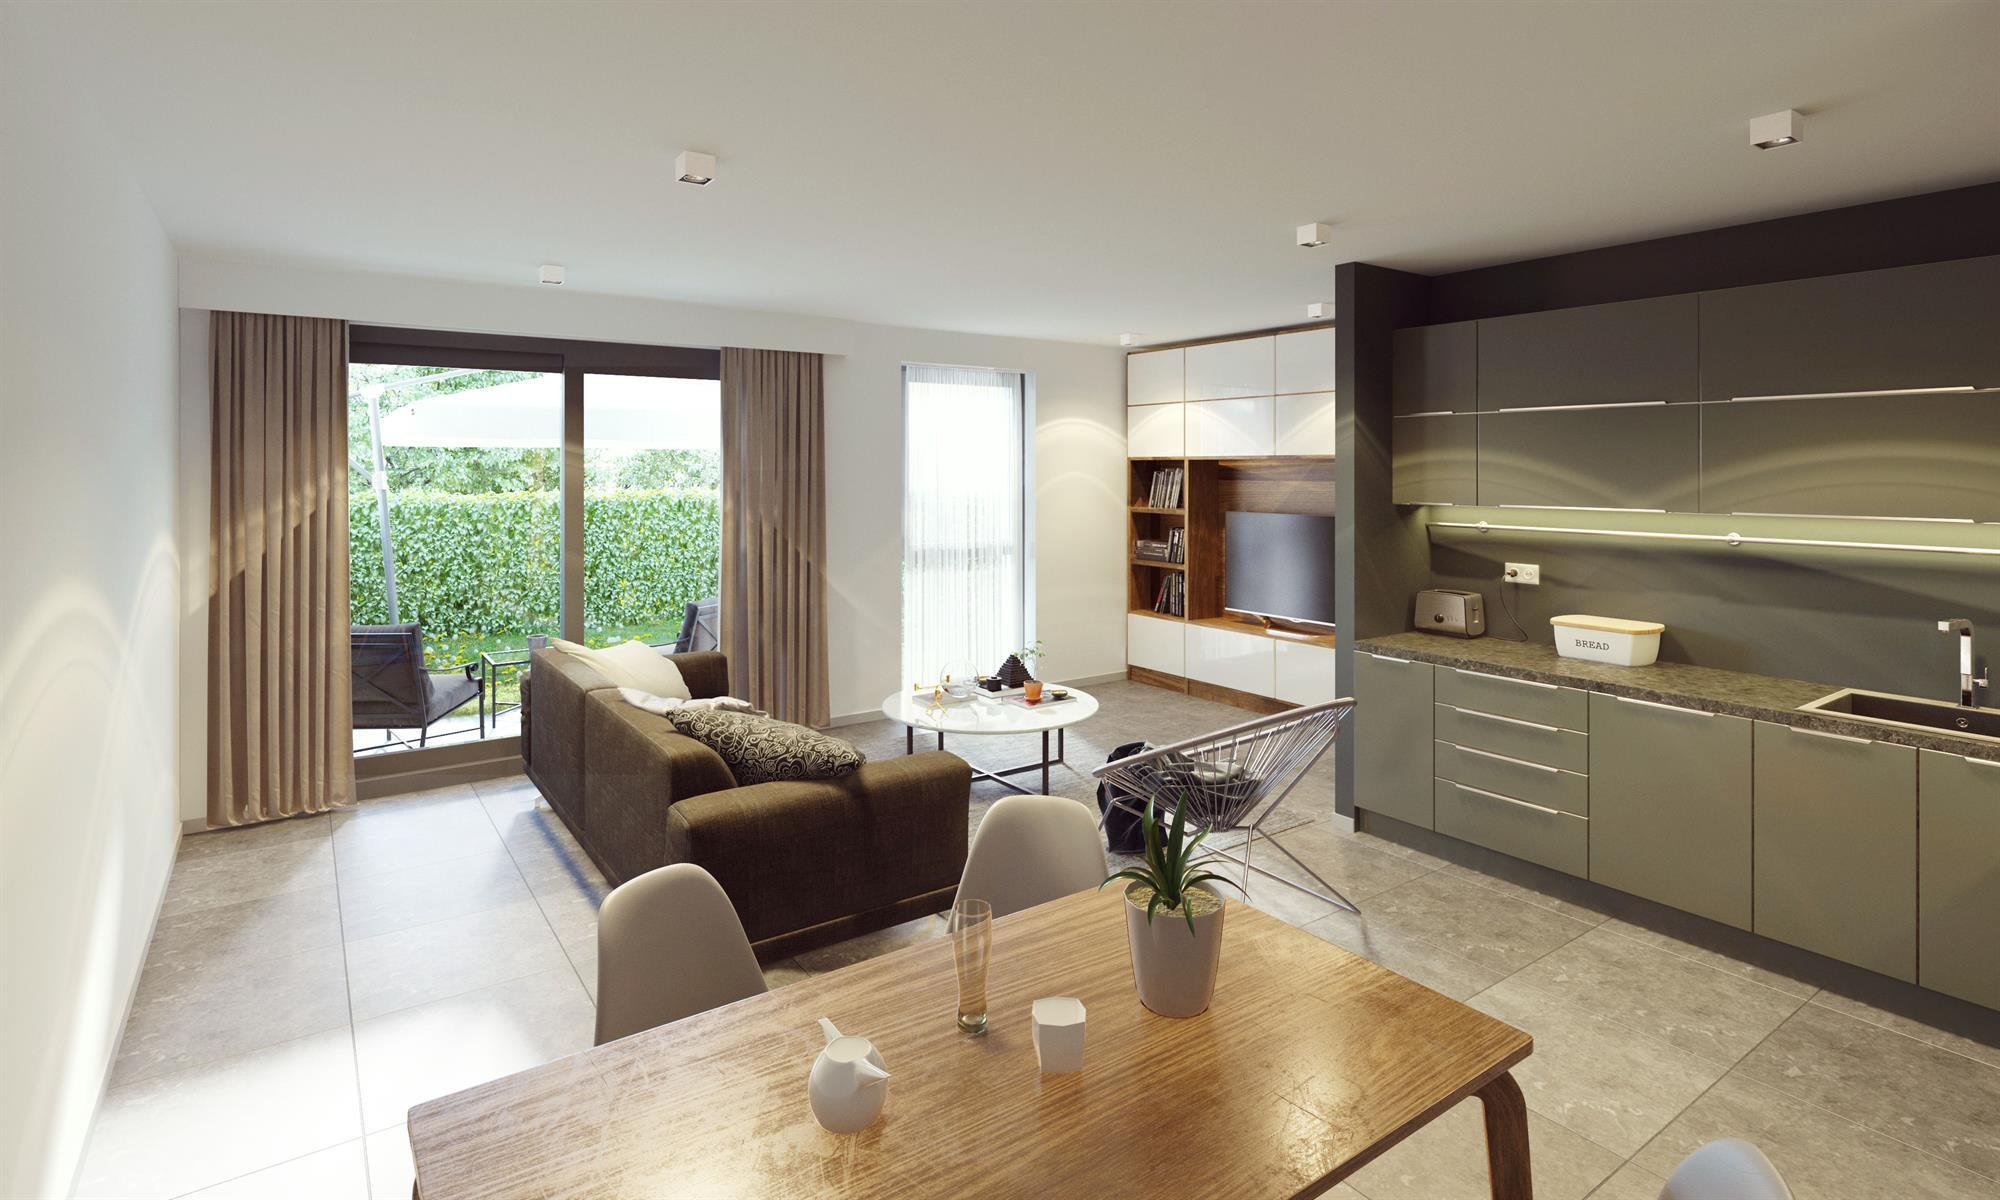 Ground floor with garden - Flemalle - #4197040-28